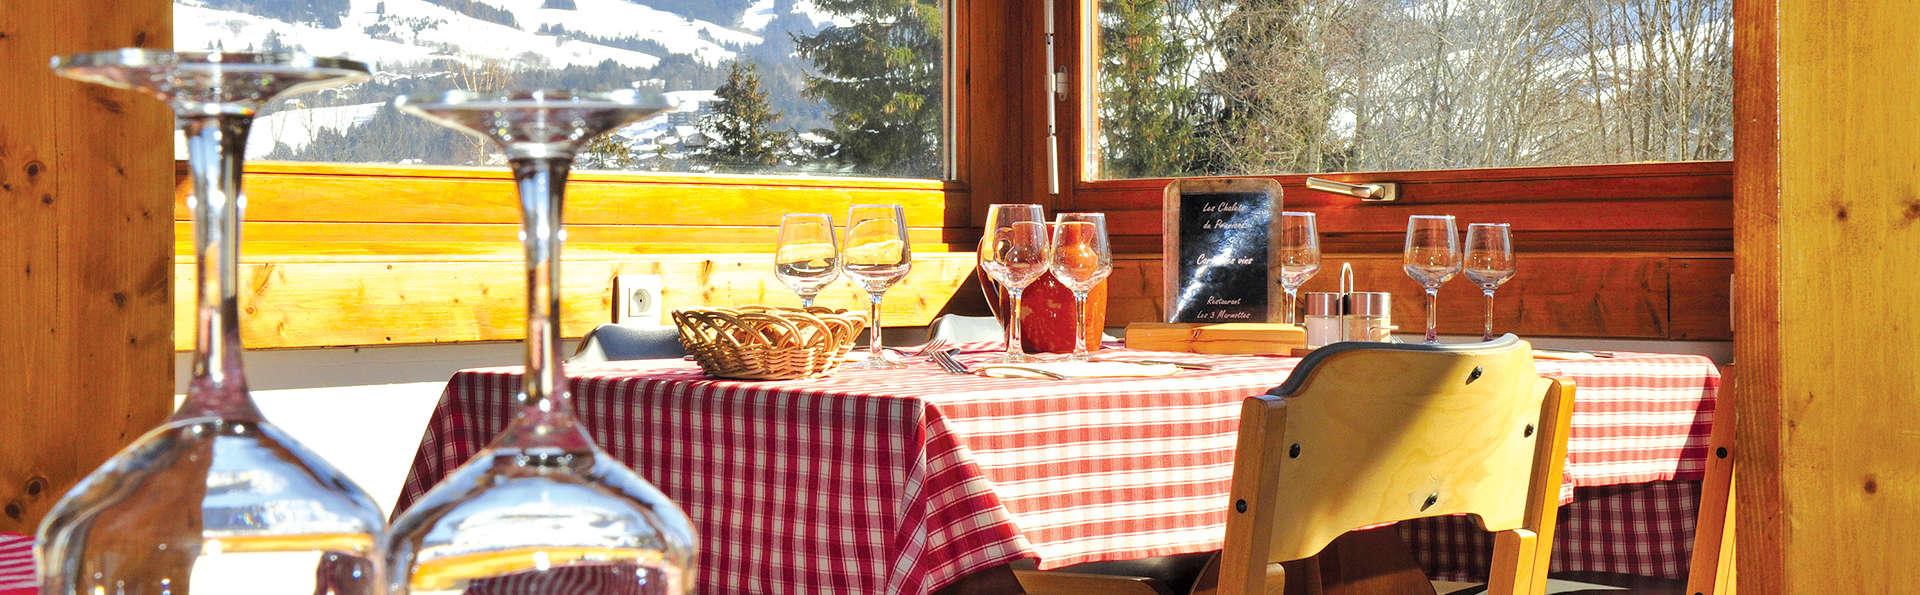 Séjour détente et gourmand au cœur de la Haute Savoie